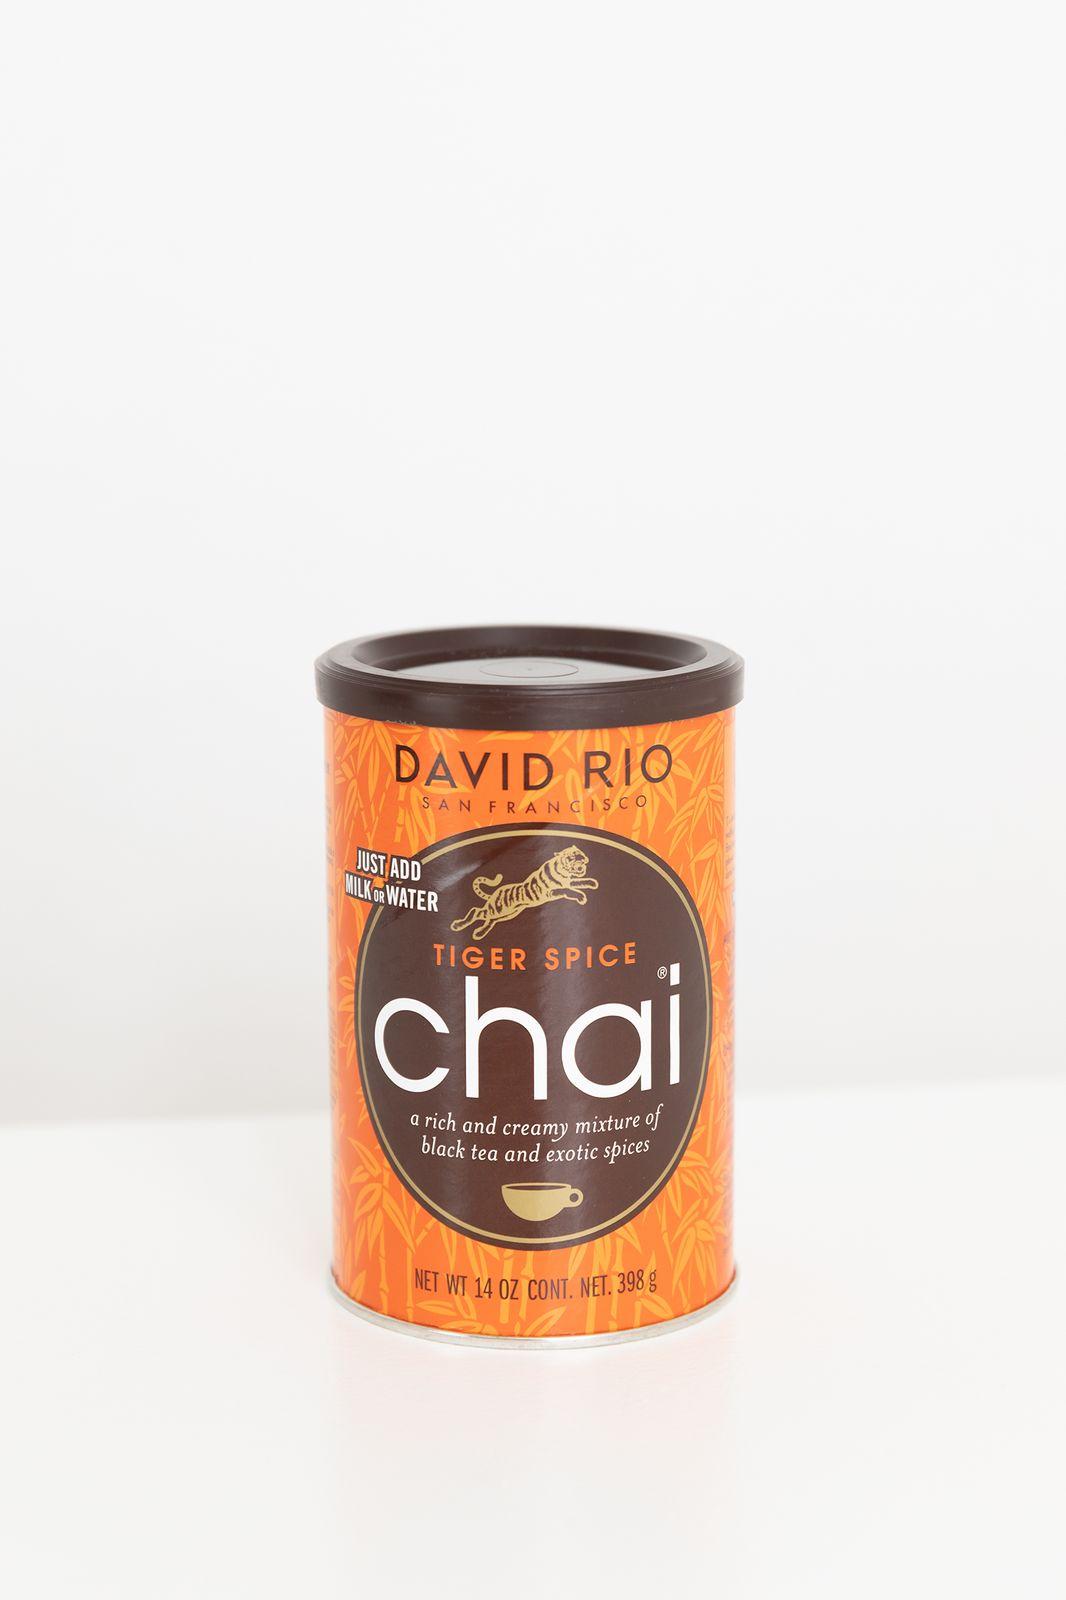 David Rio Chai Latte Tiger Spice